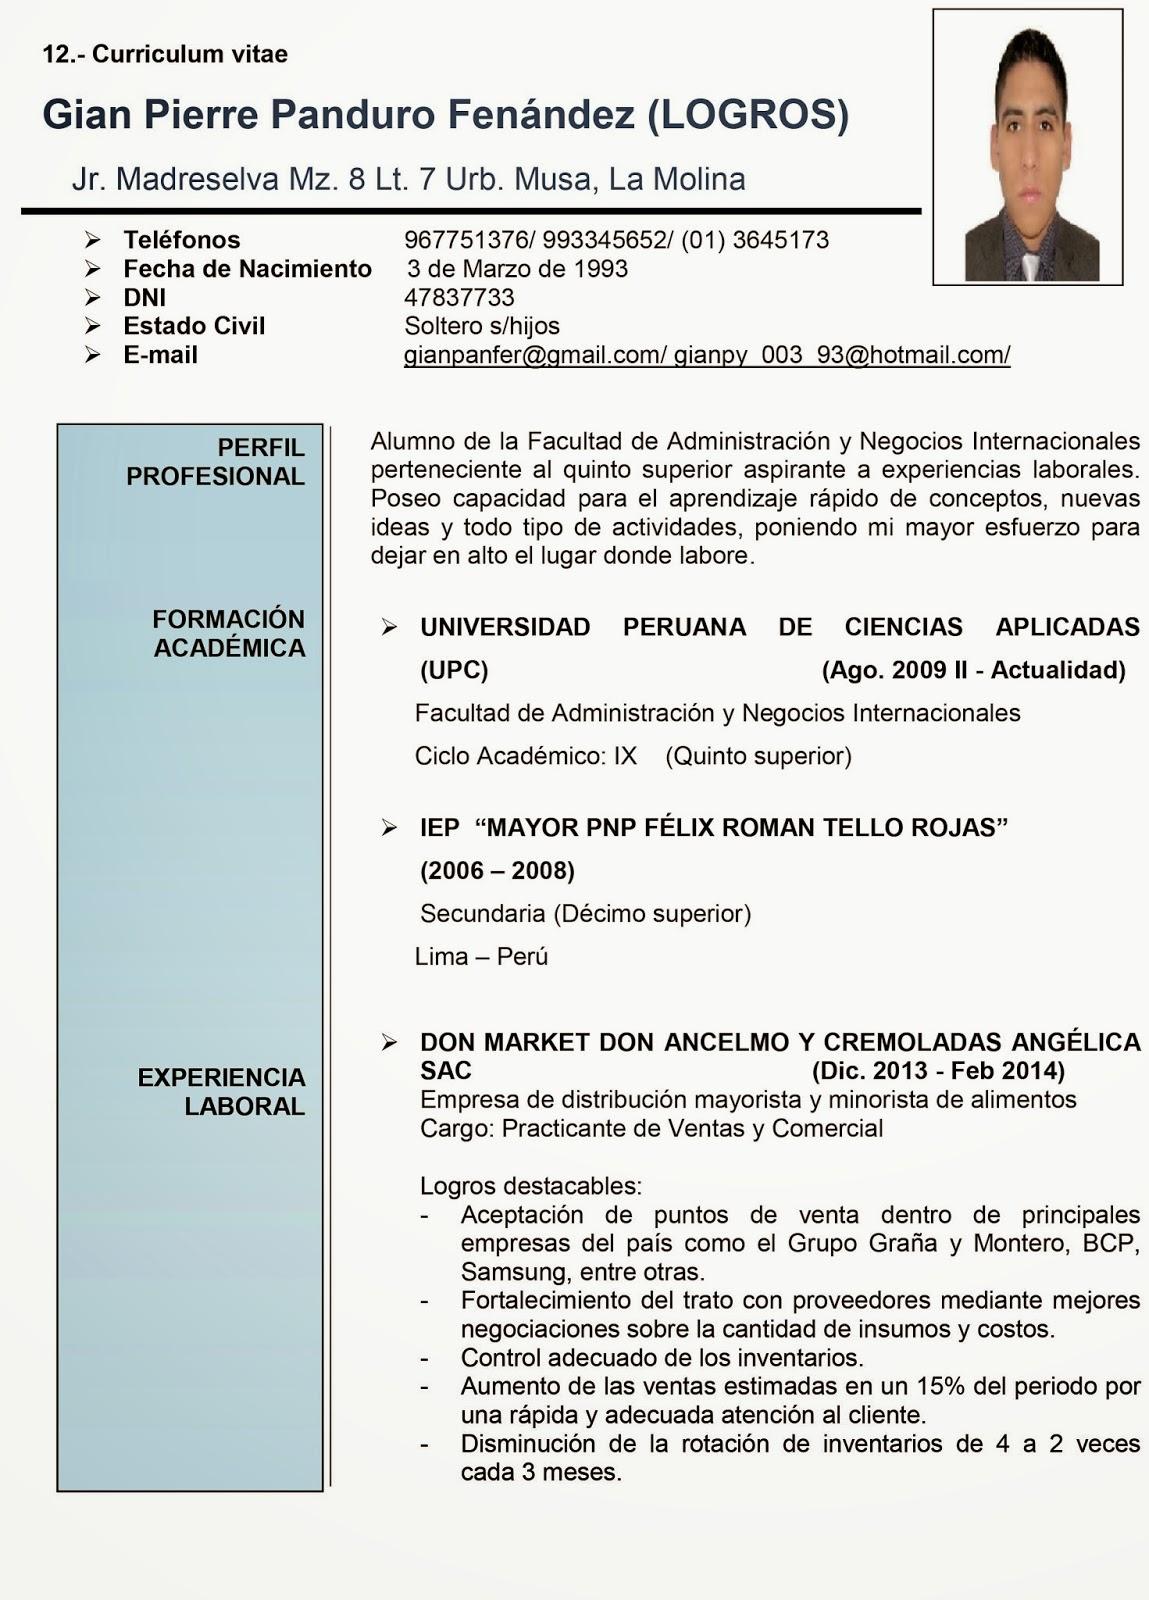 Modelo De Curriculum Vitae Upc - Modelo De Curriculum Vitae